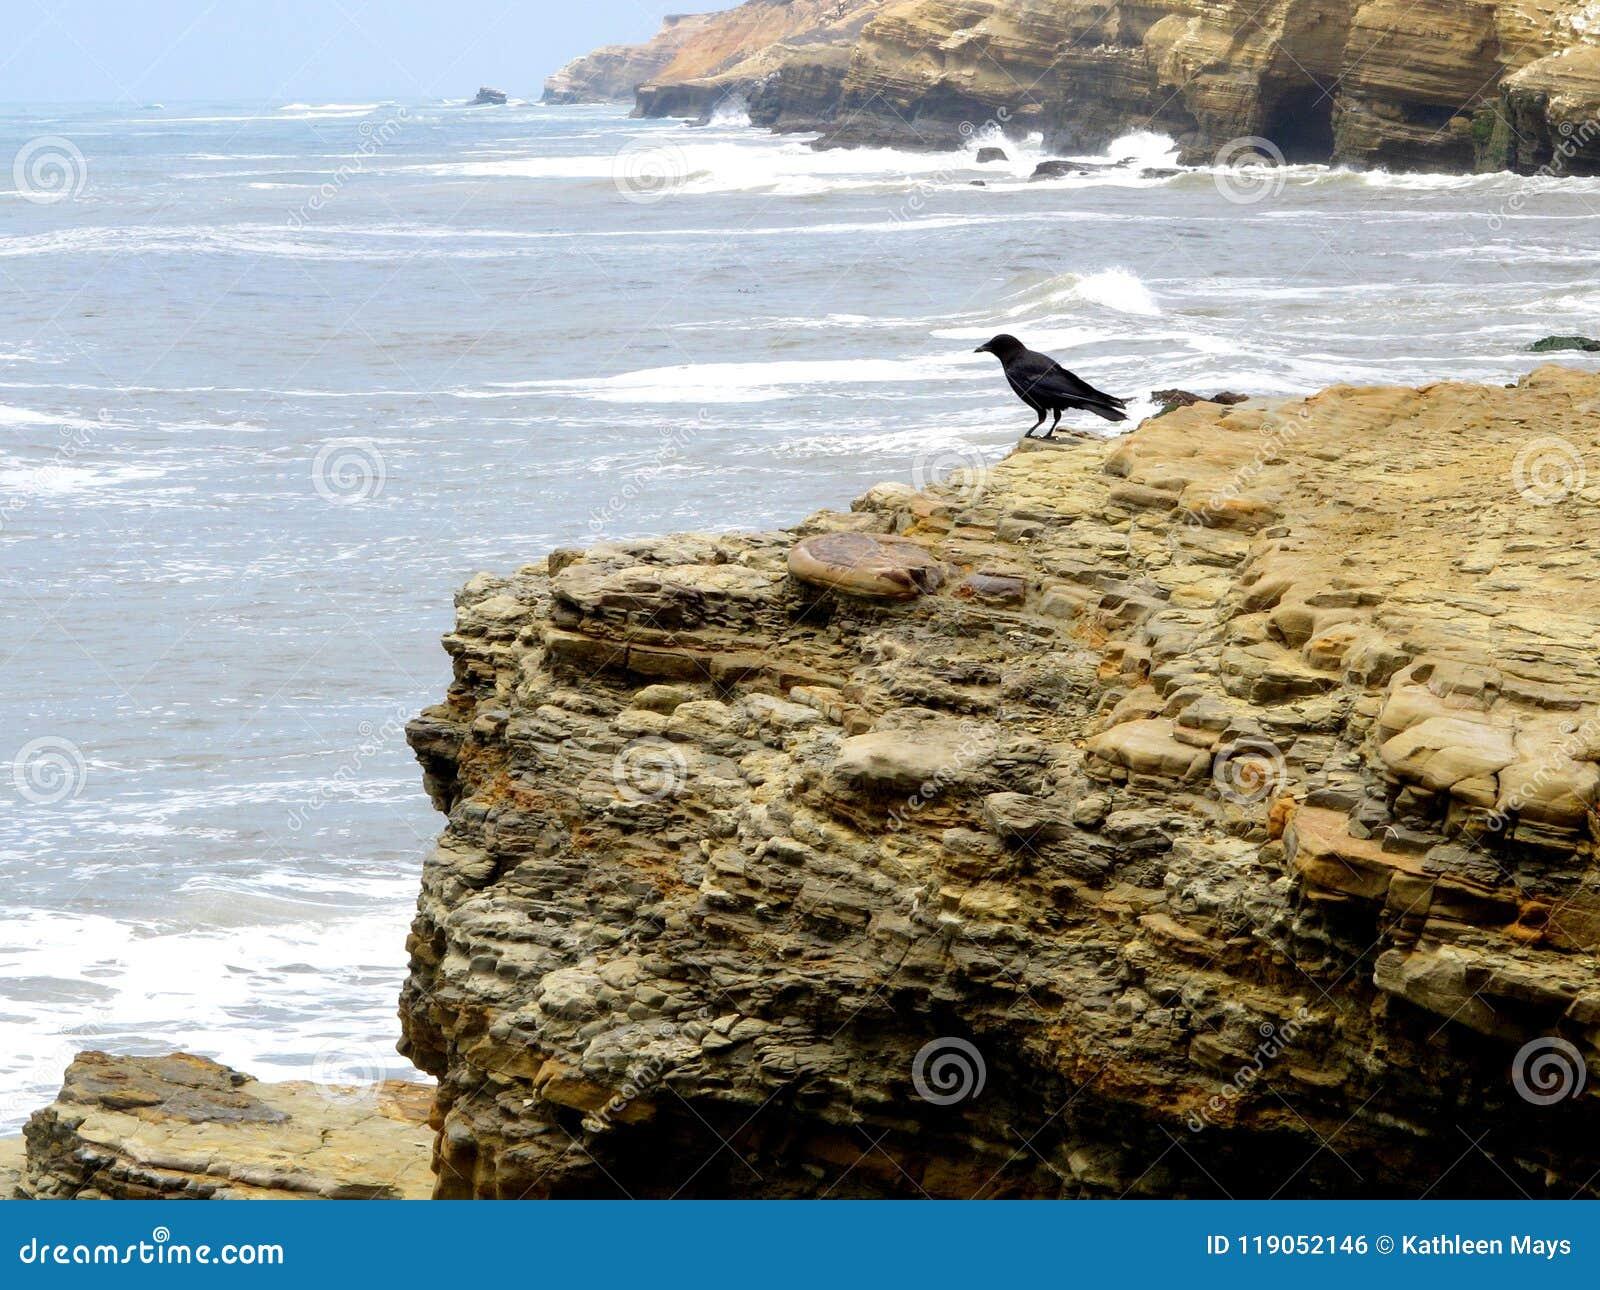 Zwarte Vogel op de Sedimentaire Lagen van een Vreedzame Kustklip